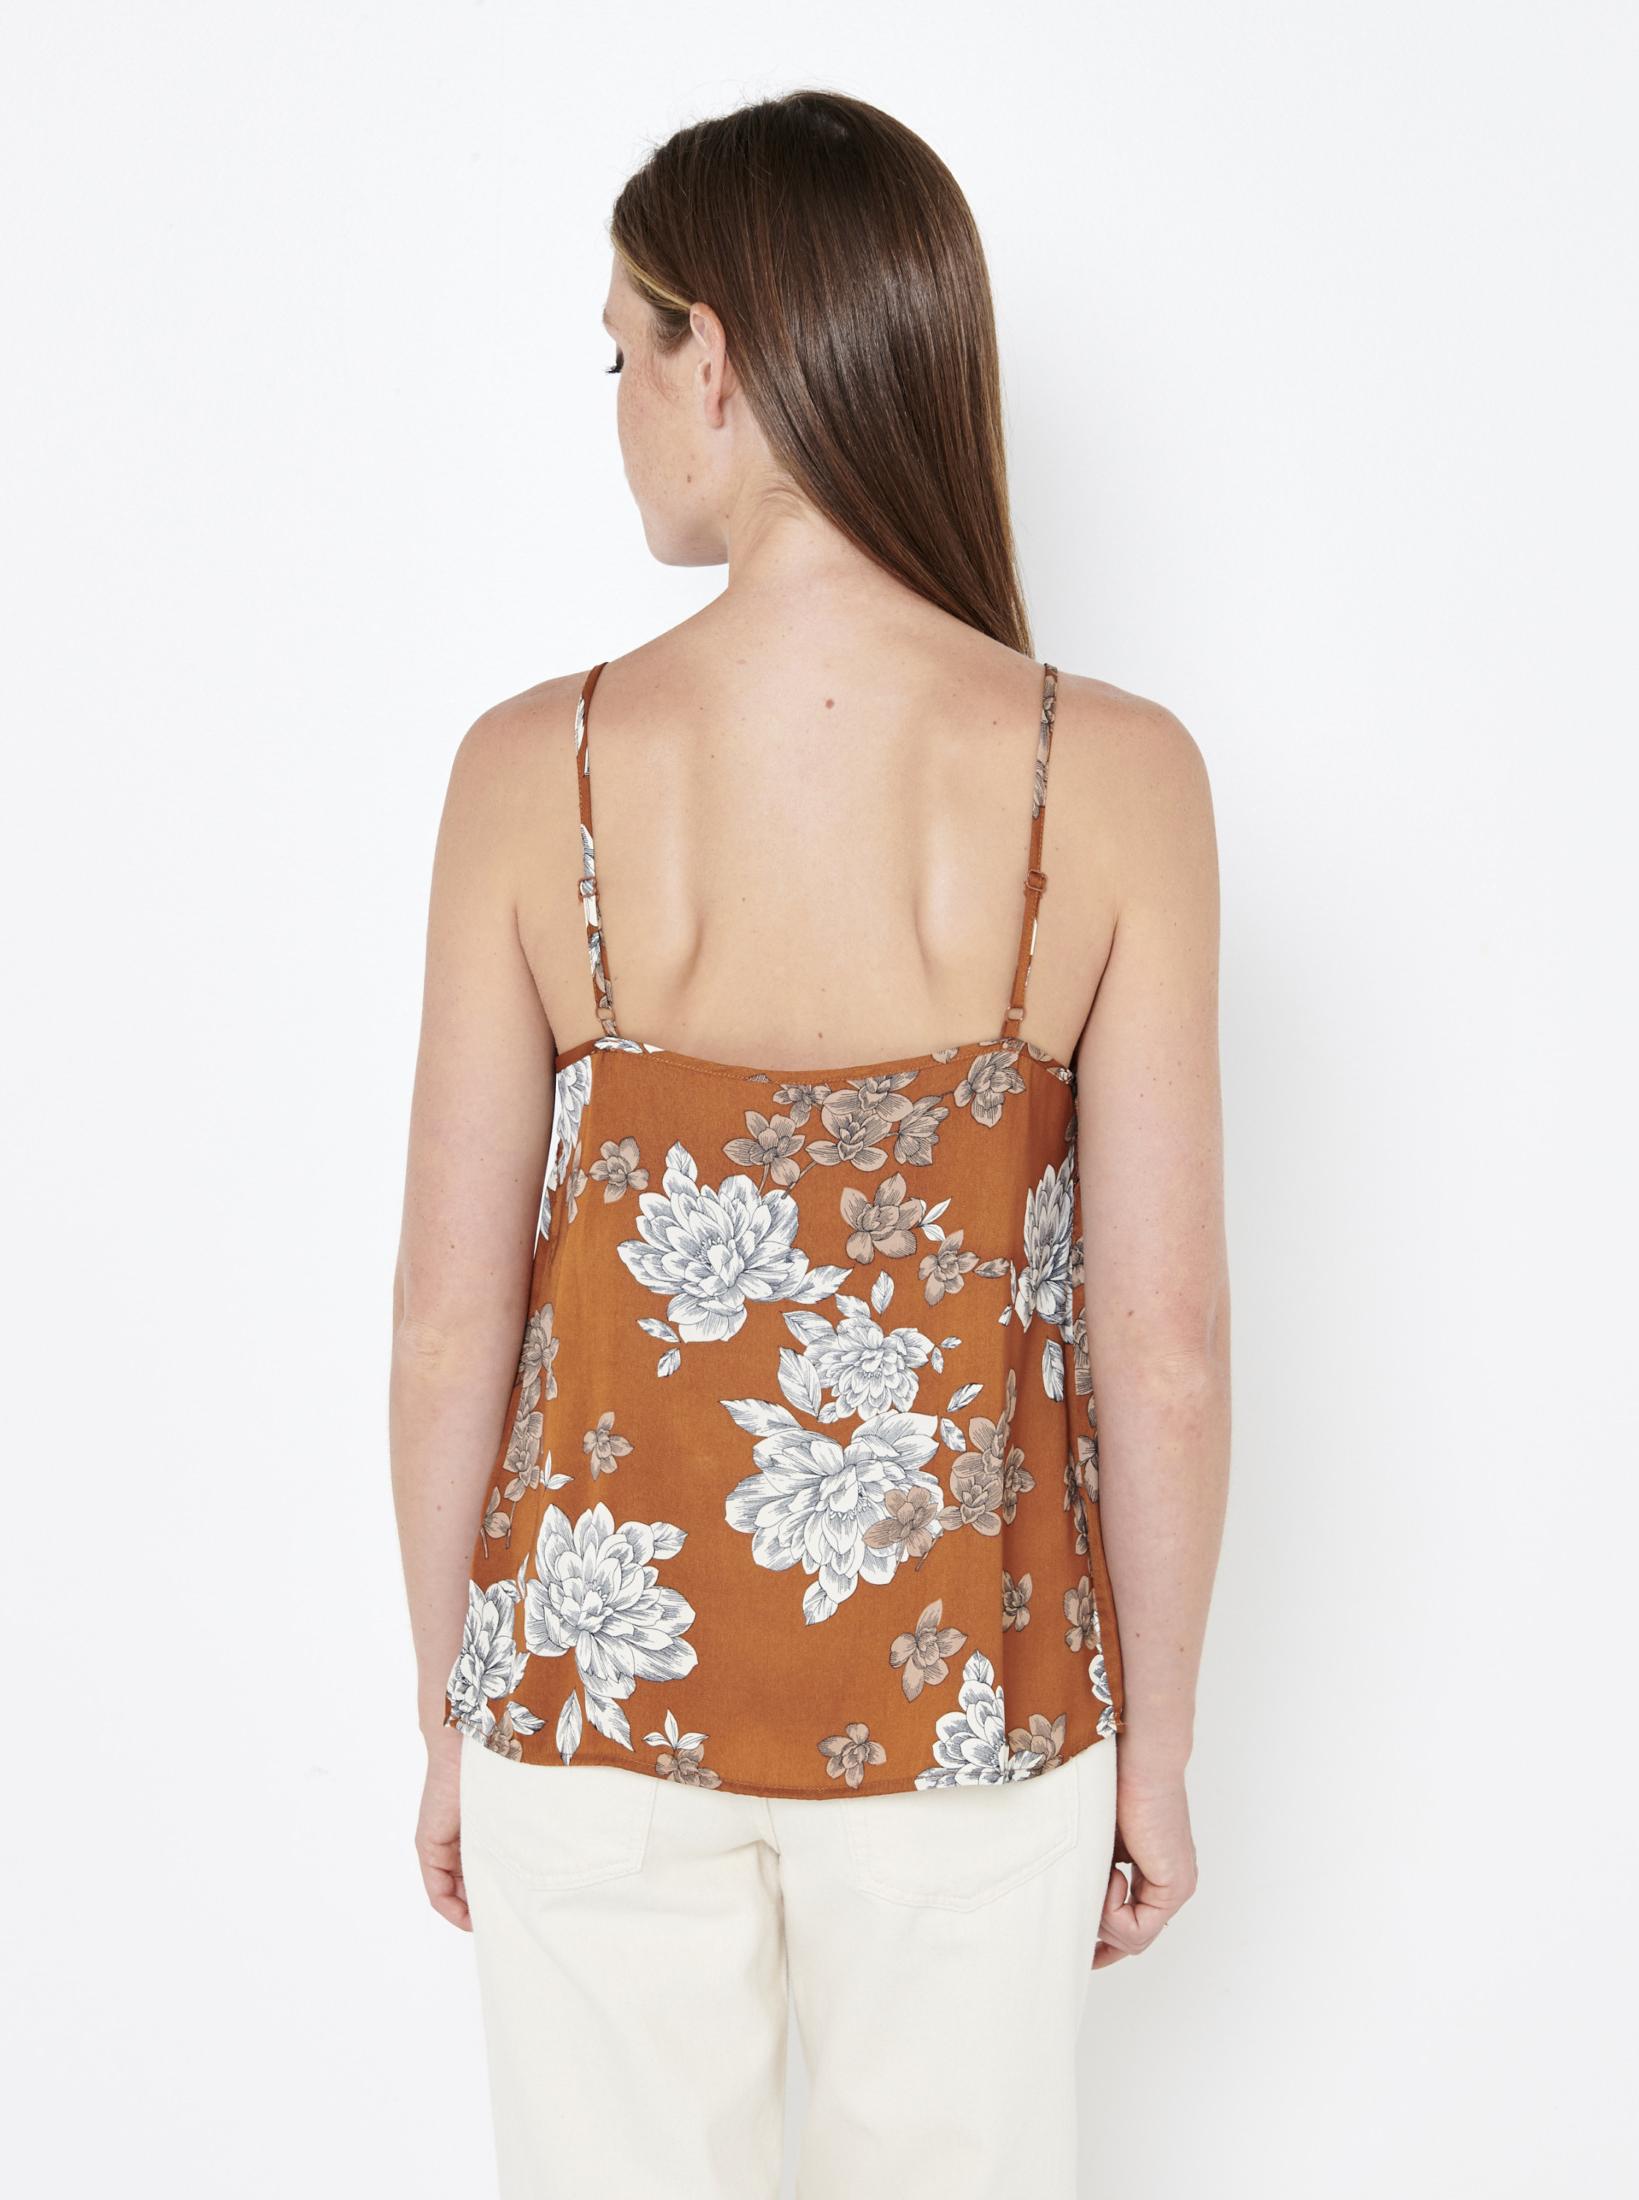 CAMAIEU brown top with floral motif